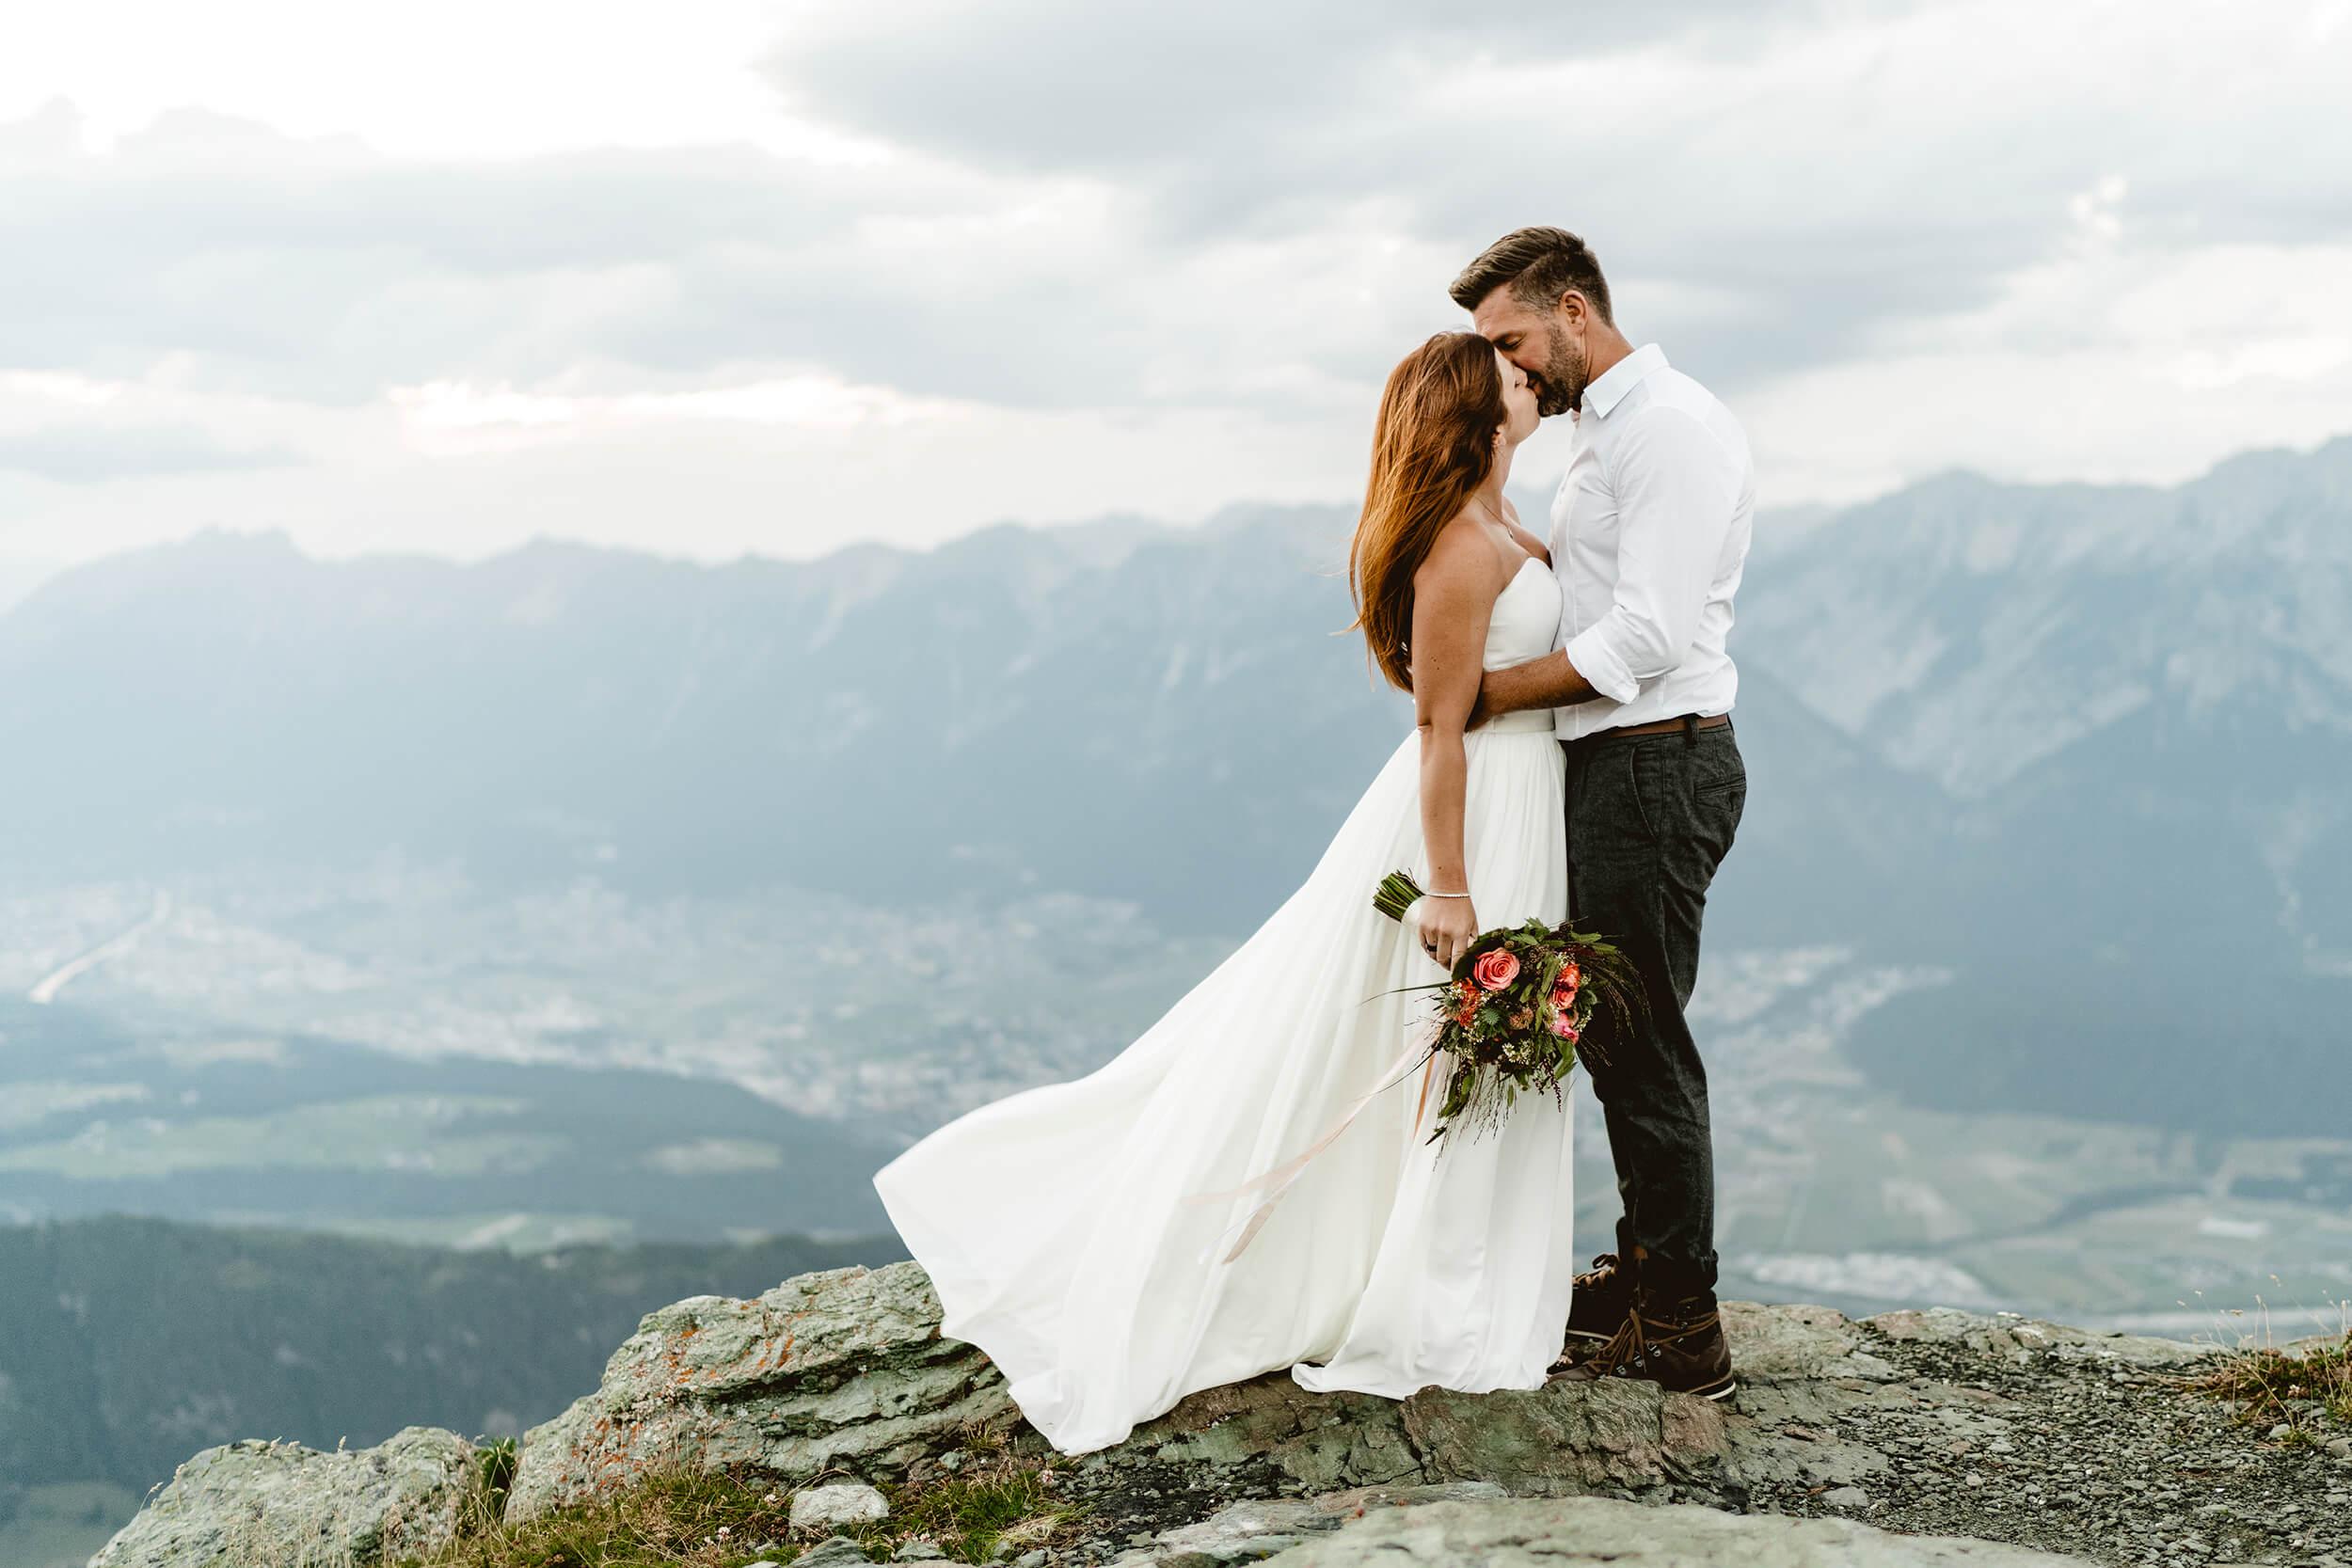 Berghochzeit Hochzeitsfotograf Fotograf Tirol